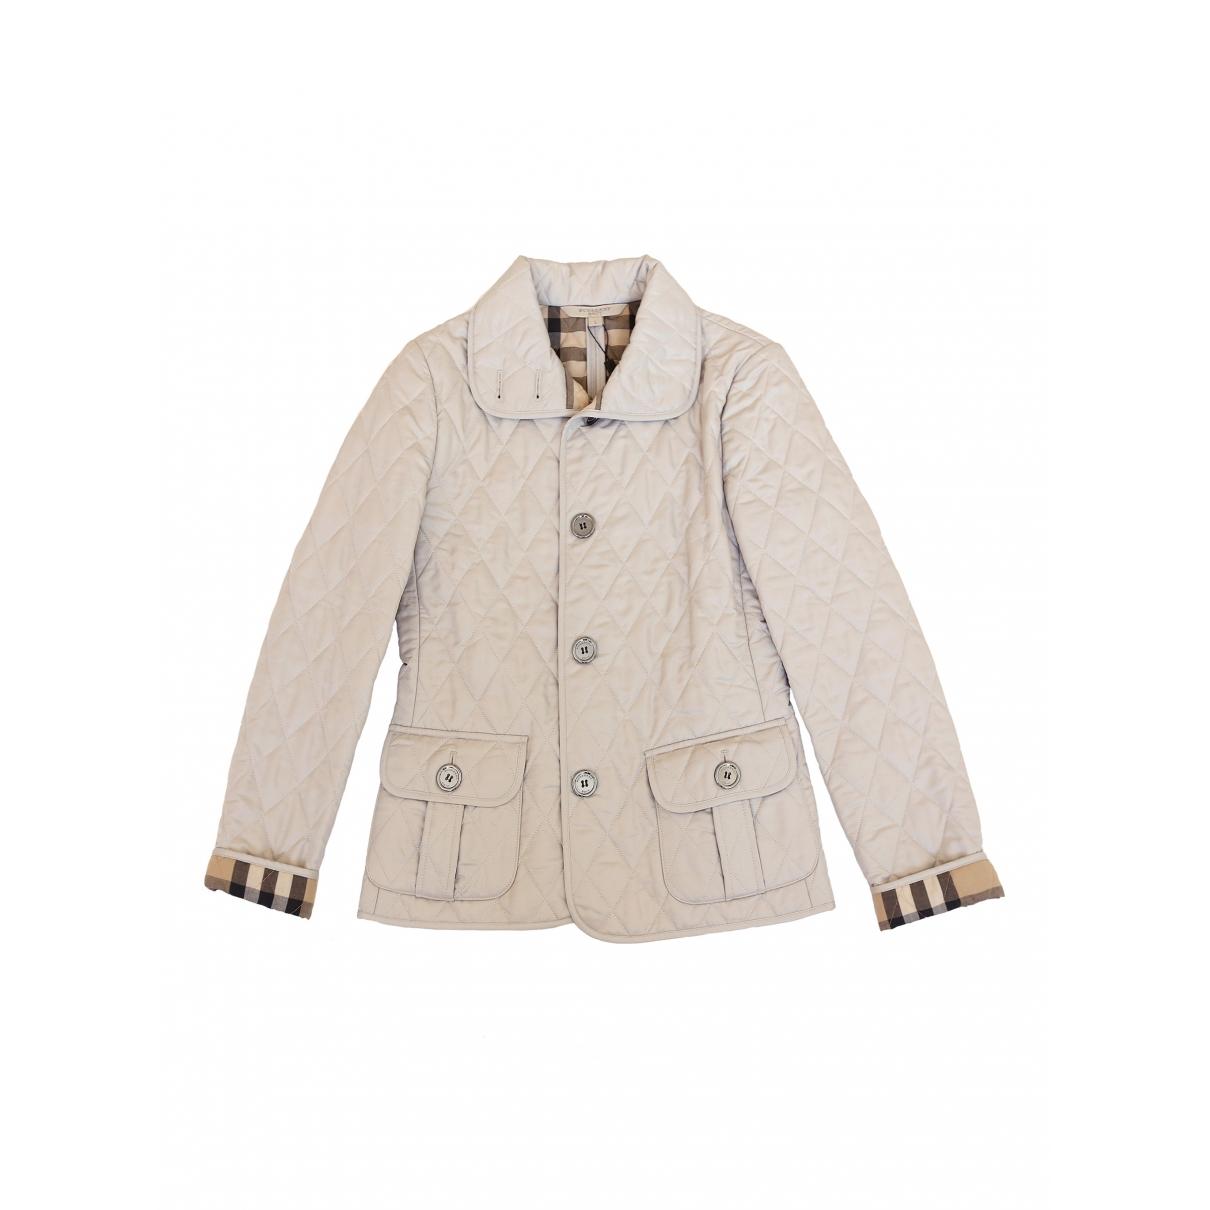 Burberry \N Beige jacket for Women S International